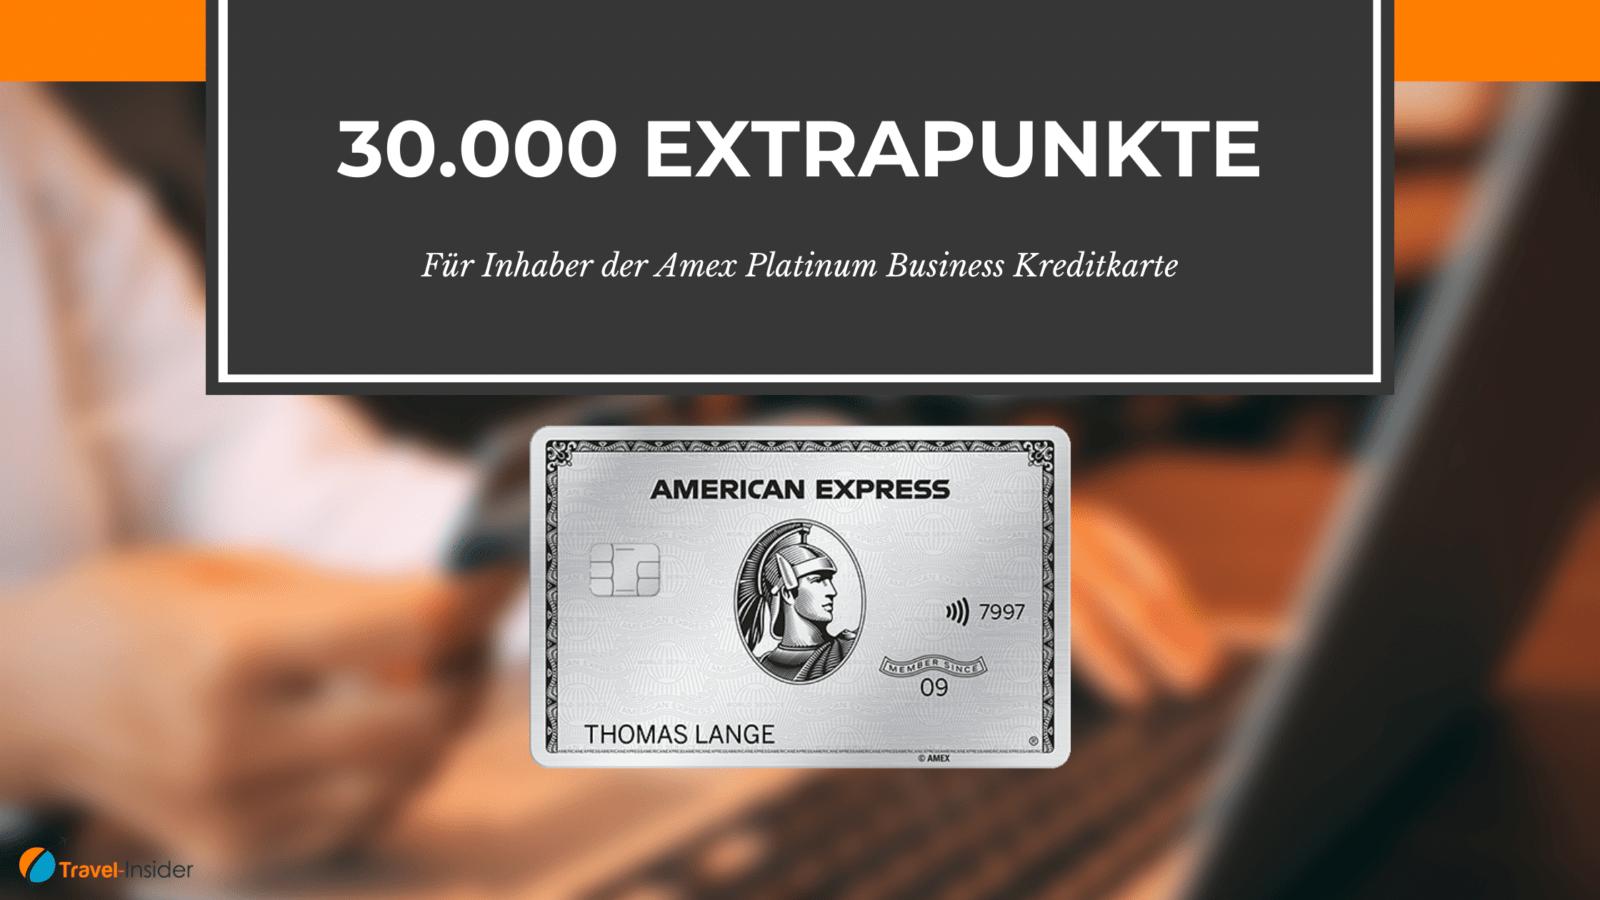 30.000 Punkte zusätzlich für Inhaber einer Amex Business Kreditkarte